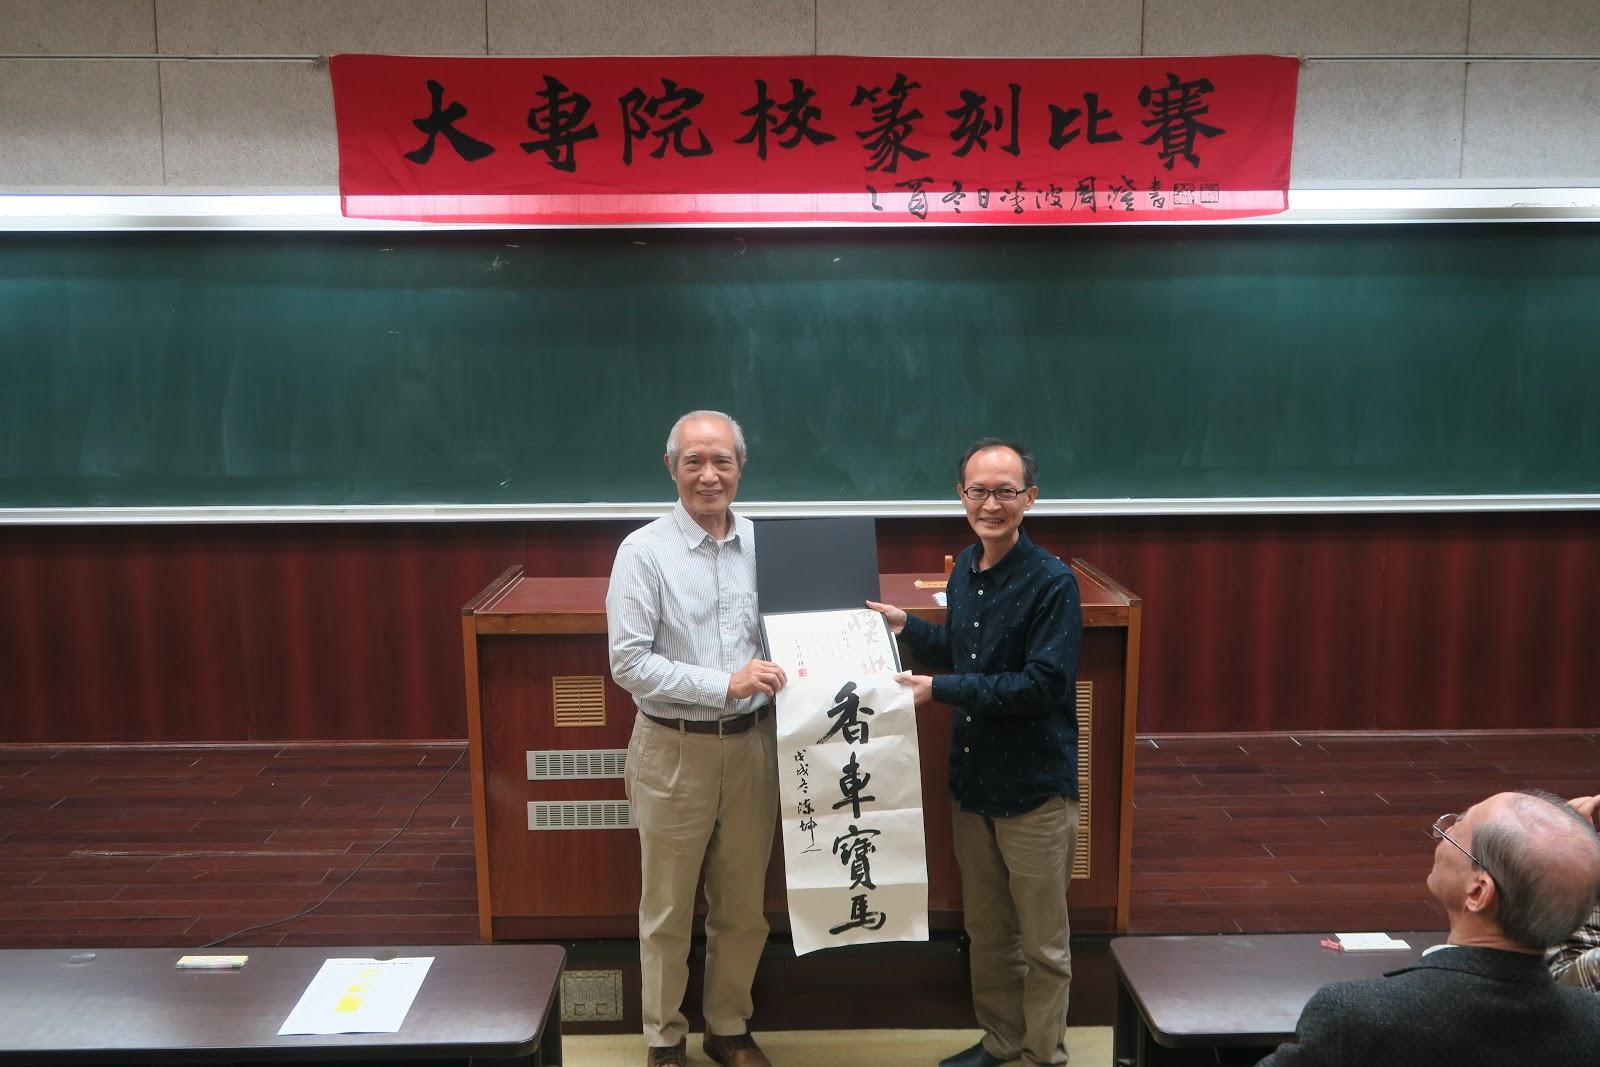 第一名得獎者賴錦源同學與陳坤一老師合照